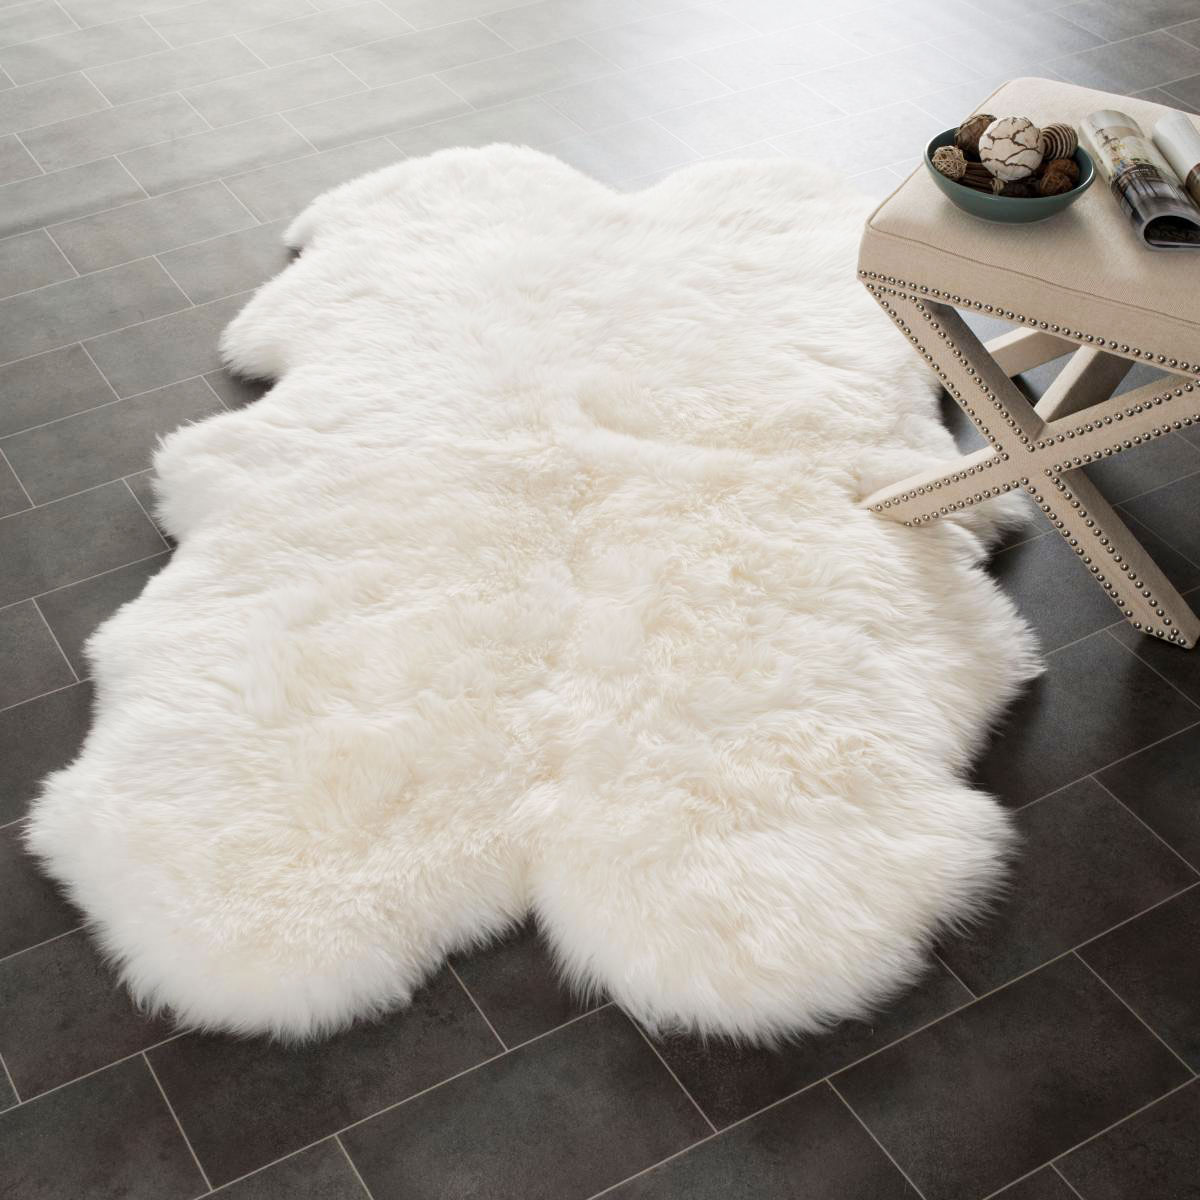 10 Best Sheepskin Rugs 2016